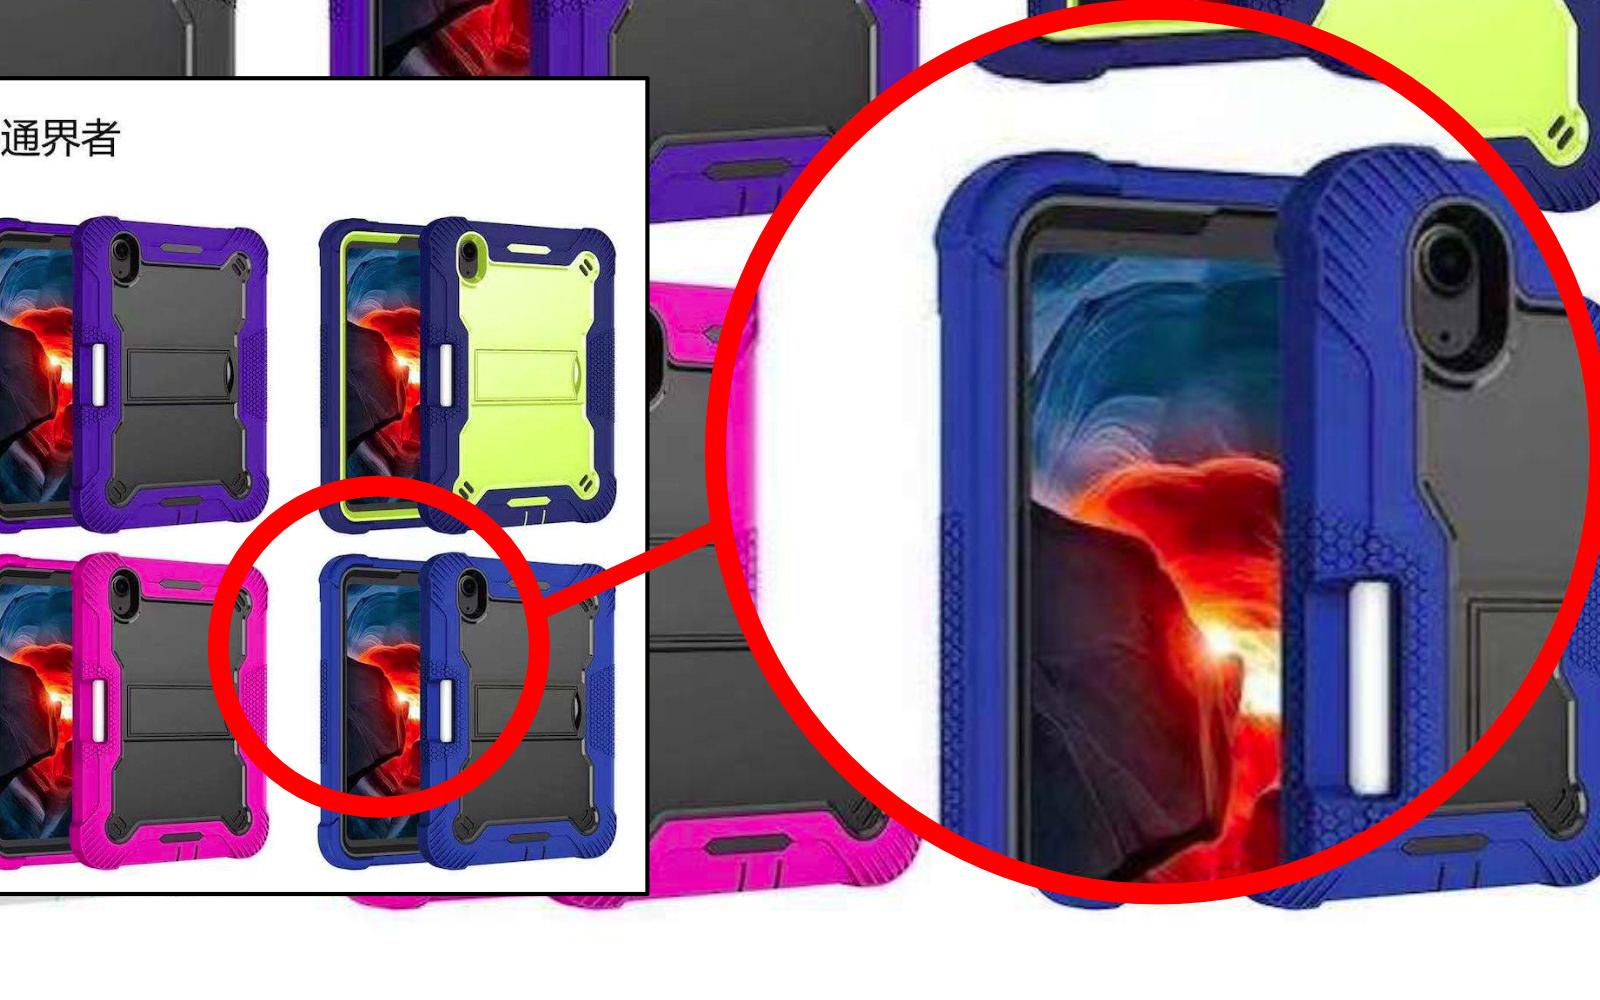 Ipad mini 6 case closeup